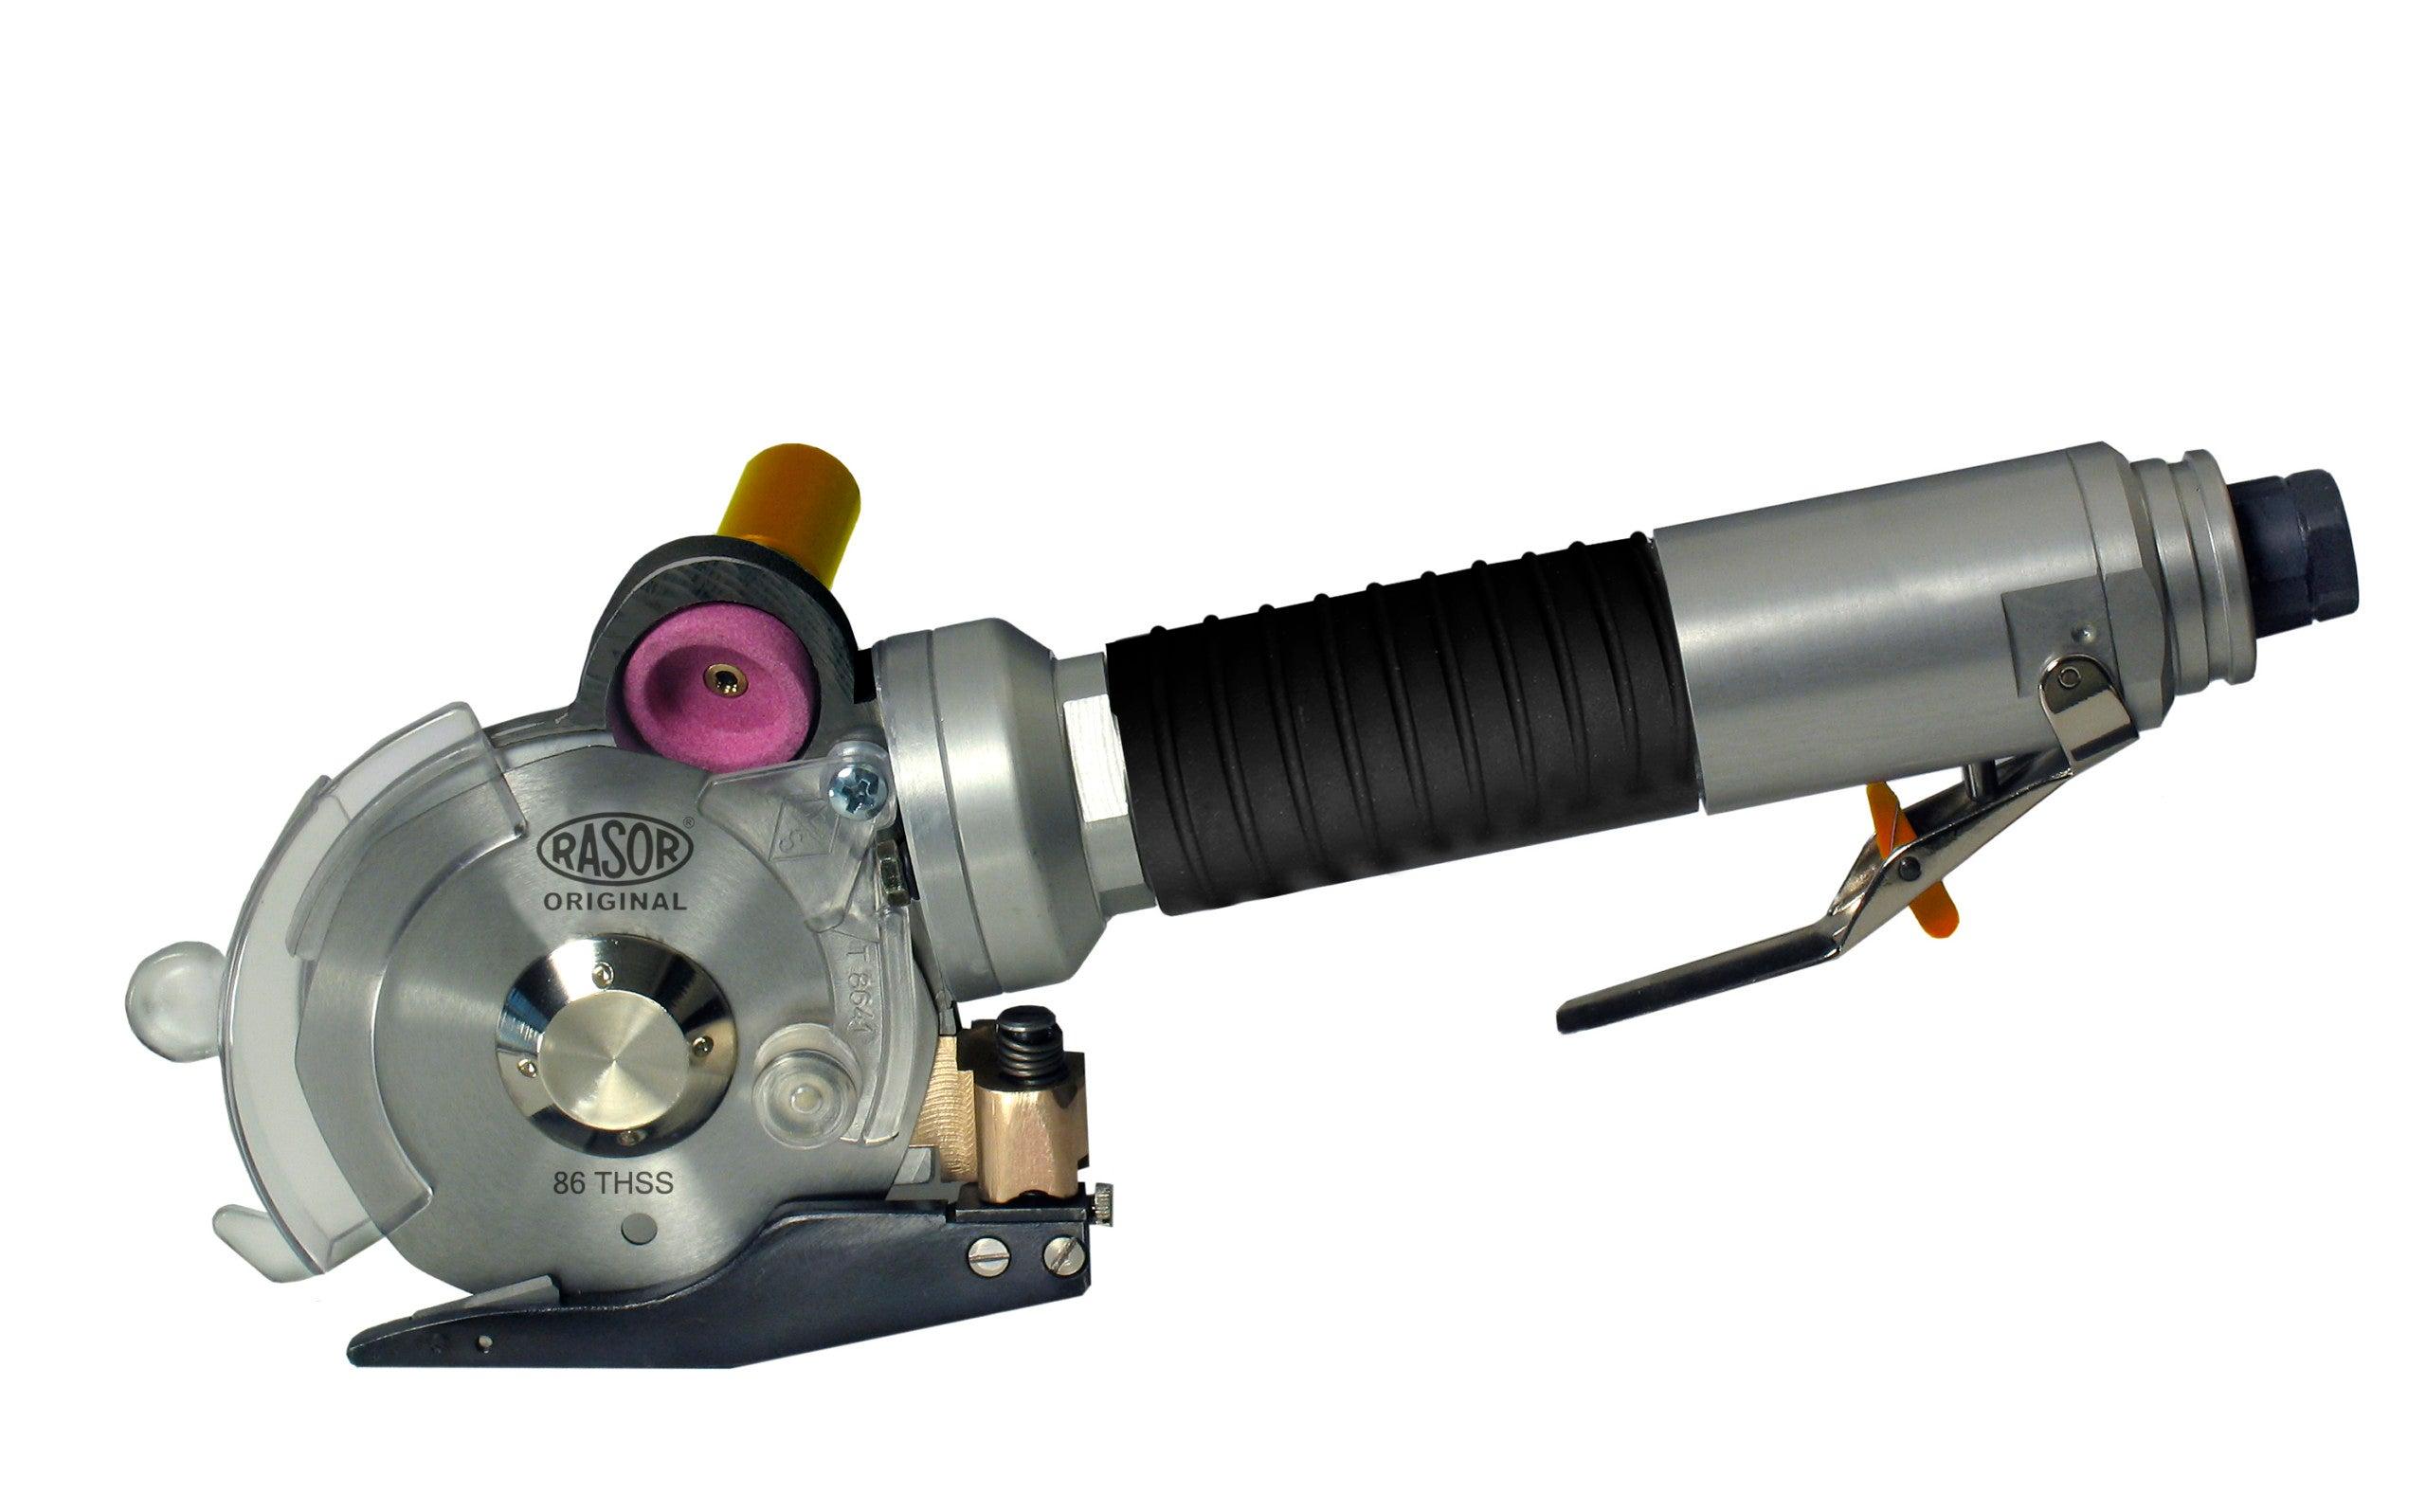 RASOR Druckluftschere FP862MT